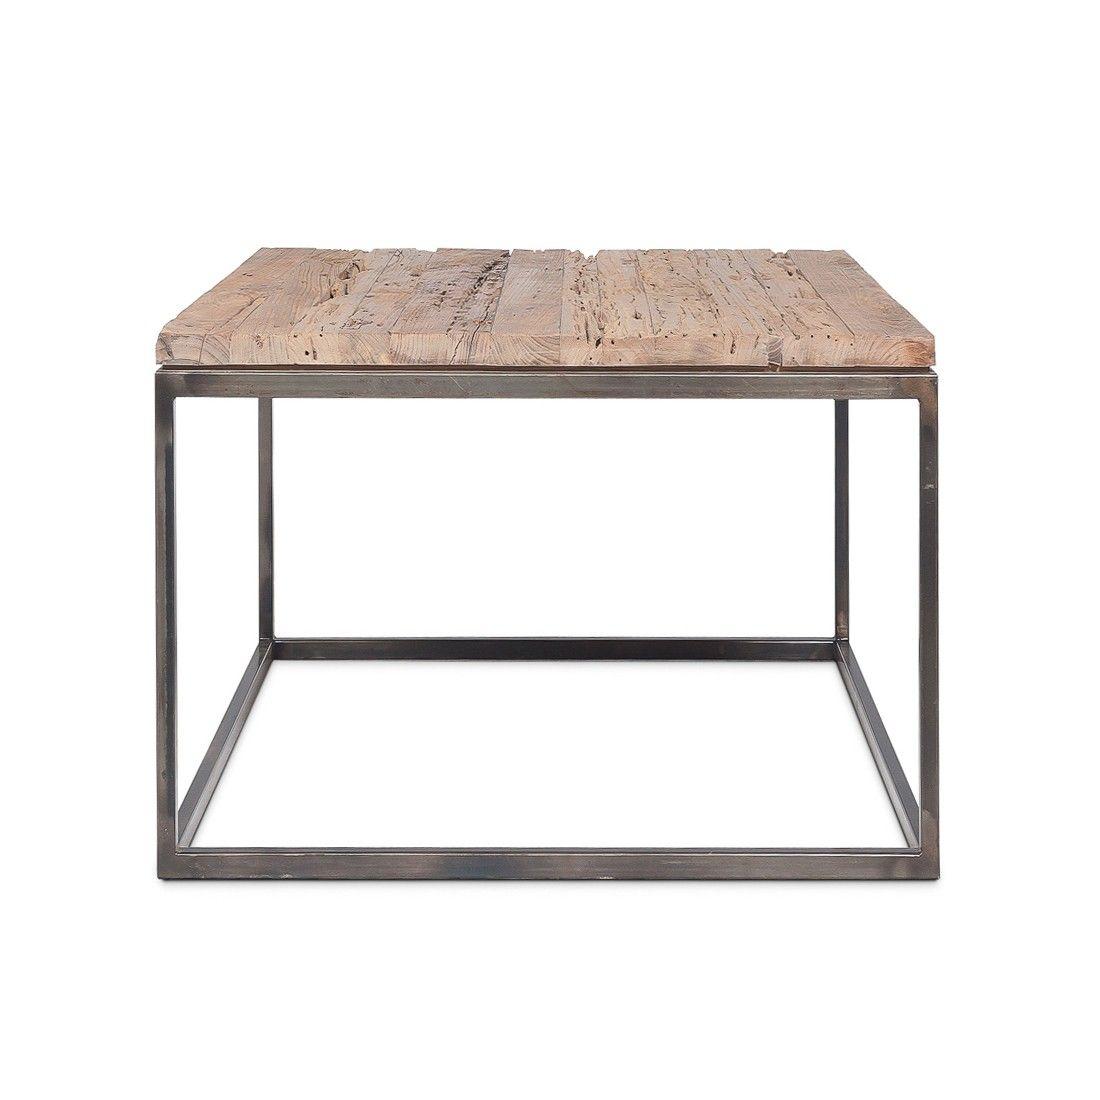 Table basse en métal avec un plateau en teck 50x50 cm